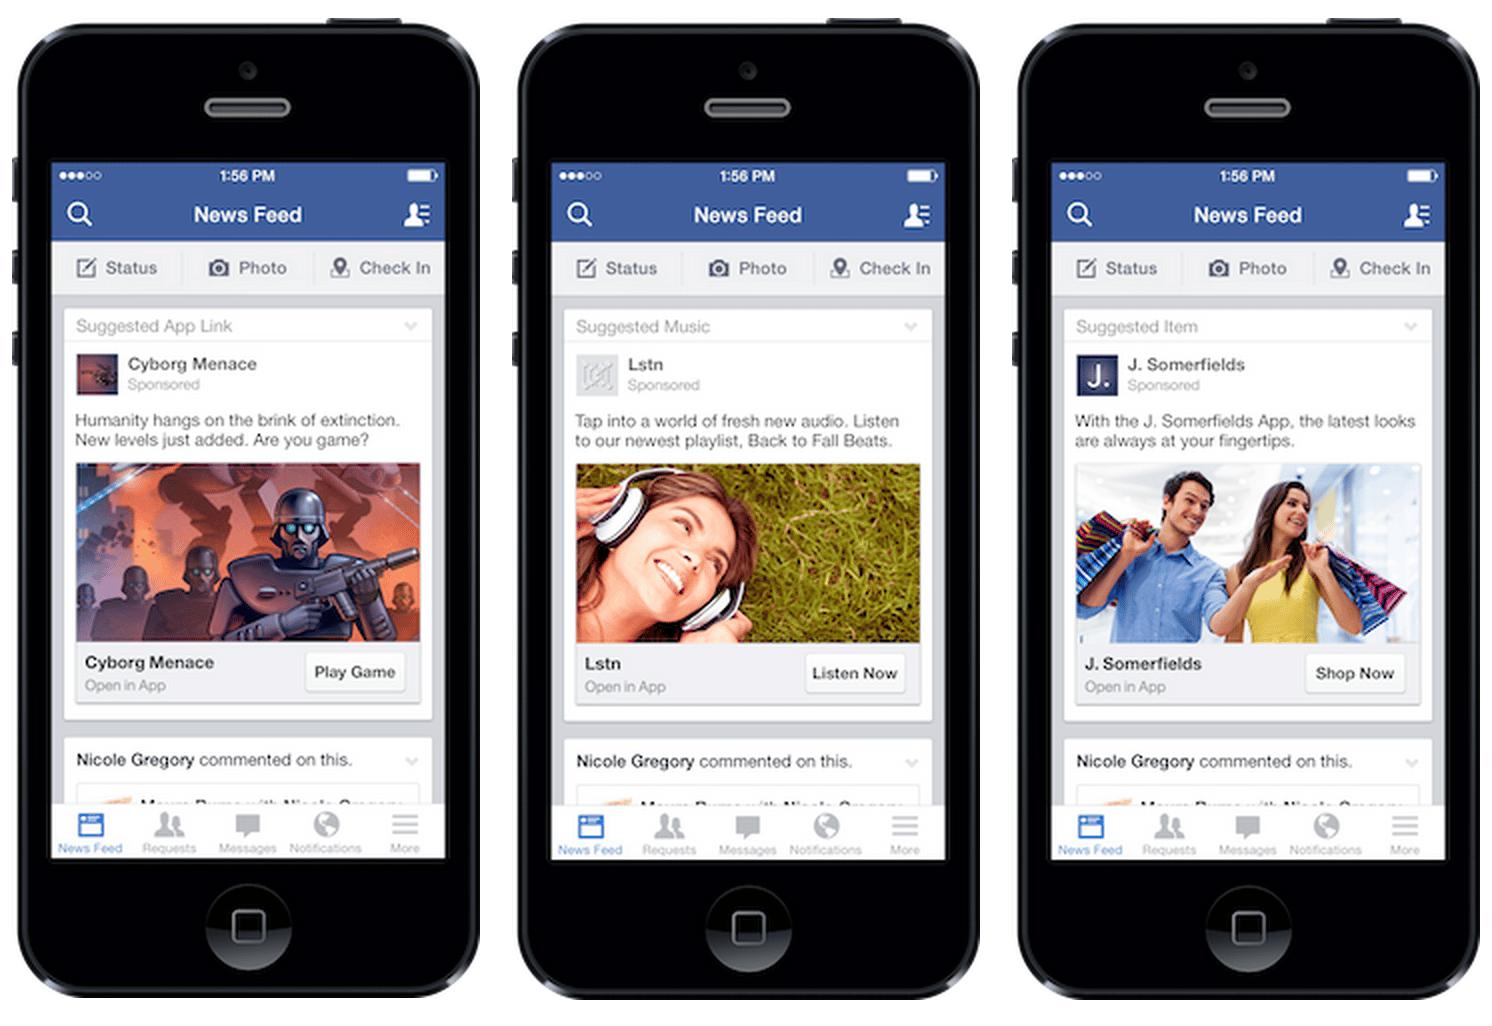 La publicidad móvil se convirtió en el principal ingreso para Facebook.